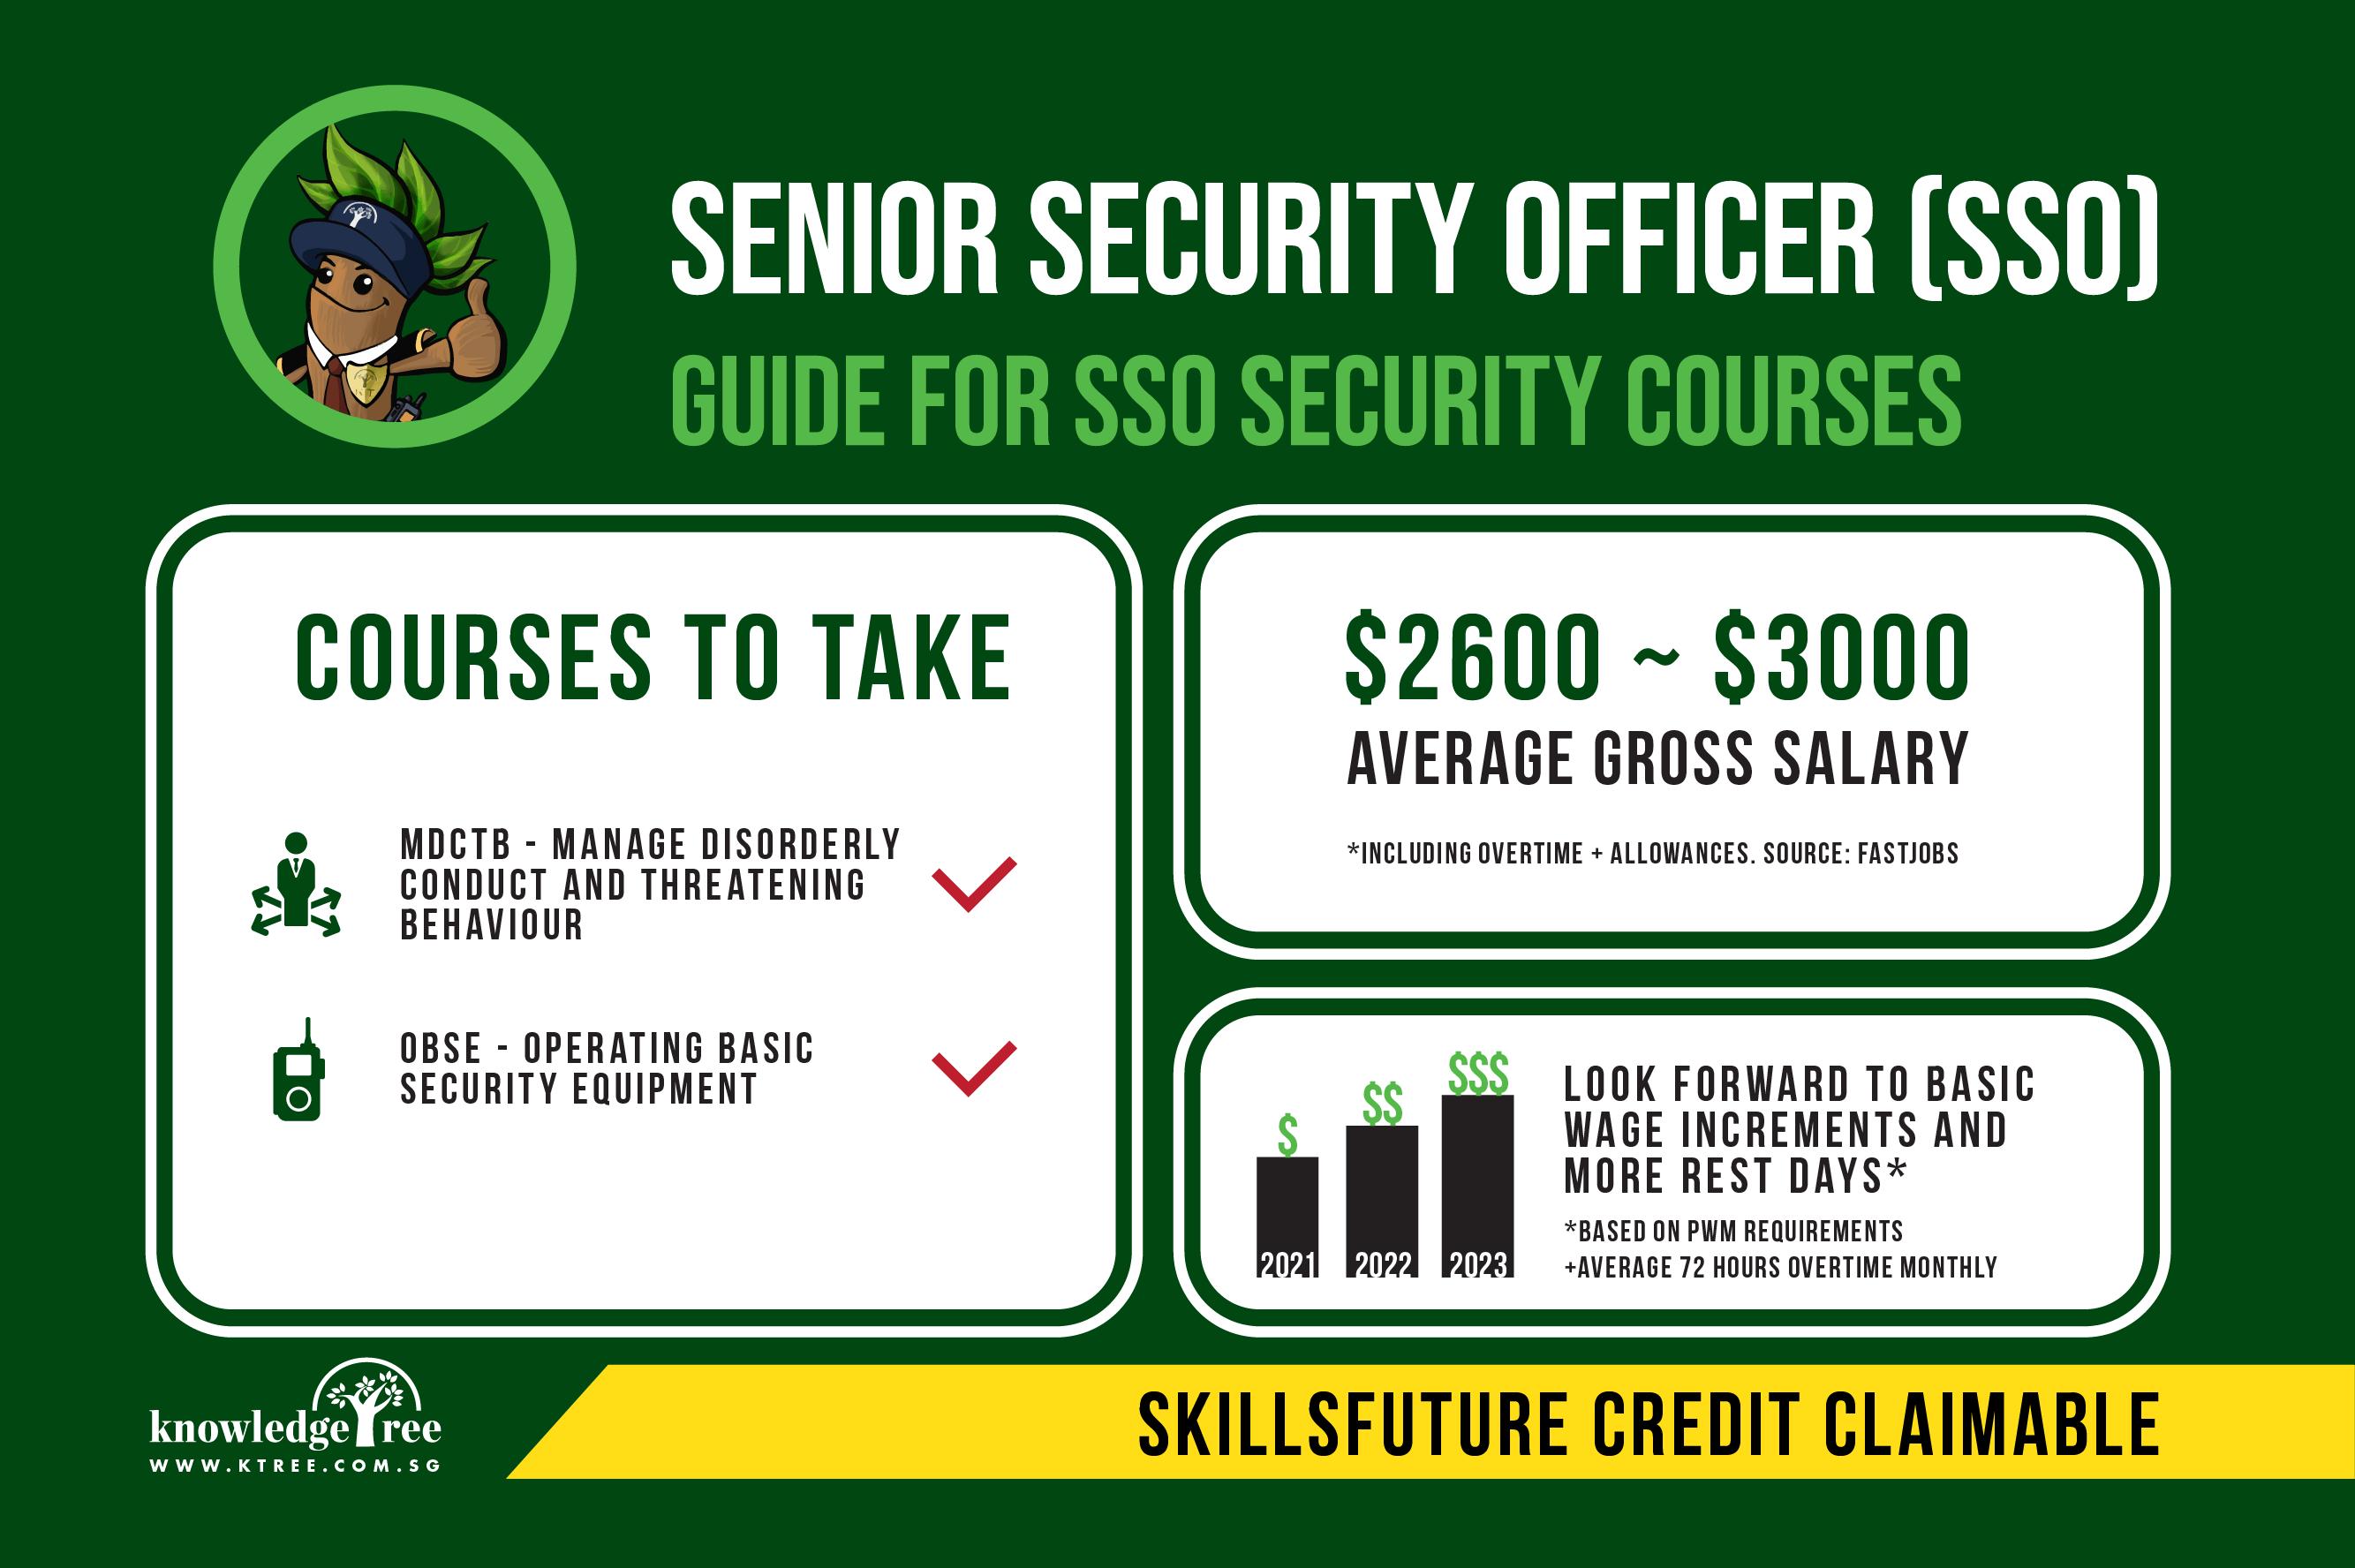 Senior Security Officer SSO